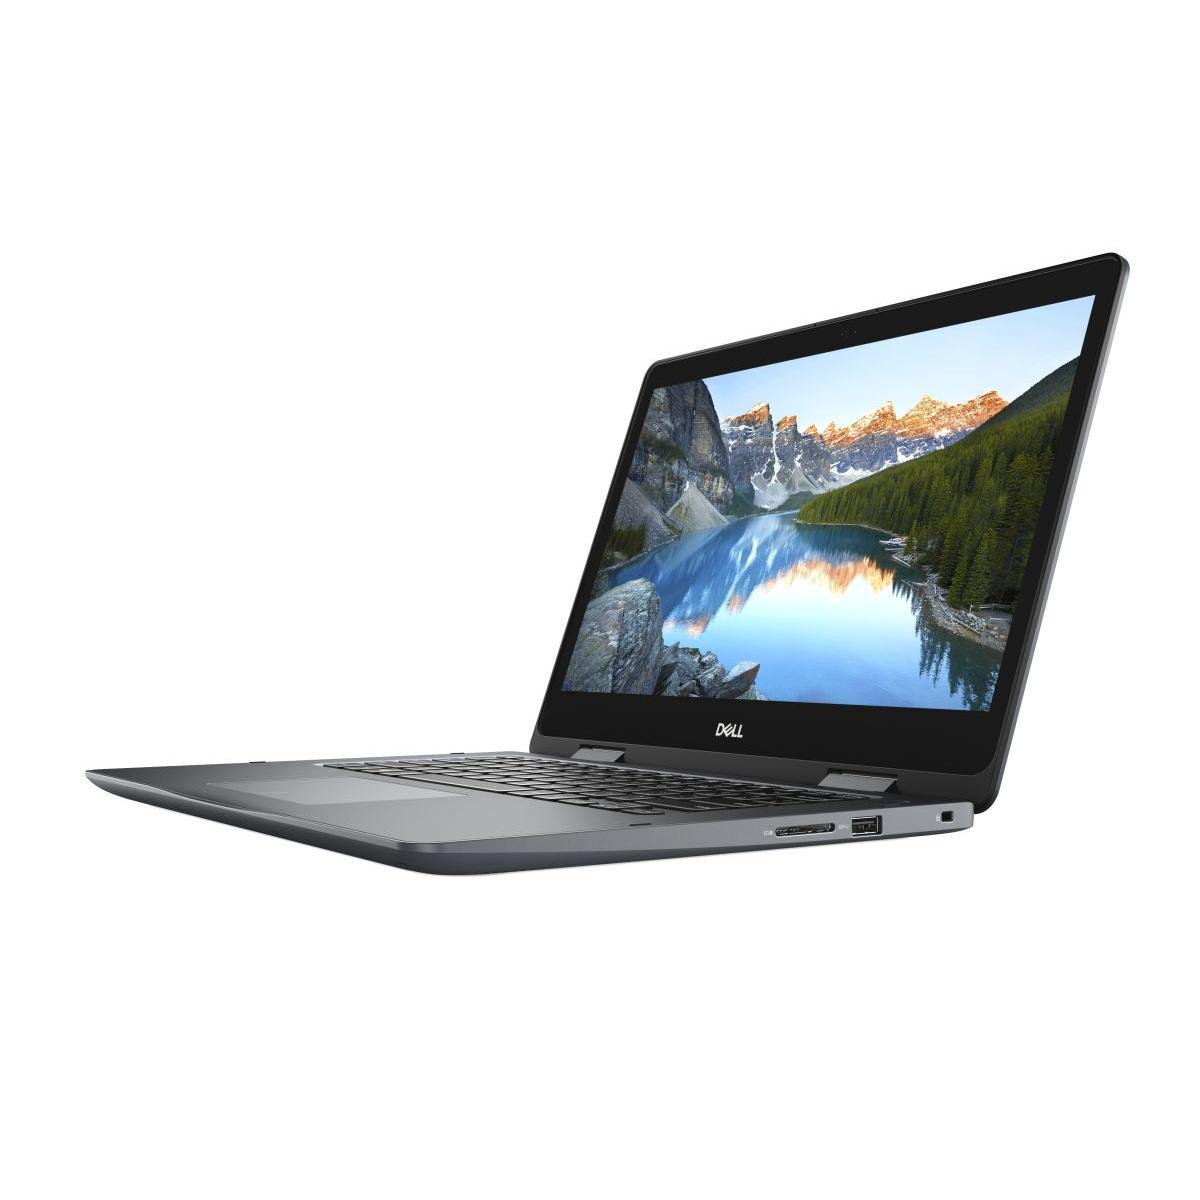 Dell Inspiron I5481-3236Gry-Pus 14-inch (2018) - Core i3-8145U - 4 GB - HDD 128 GB